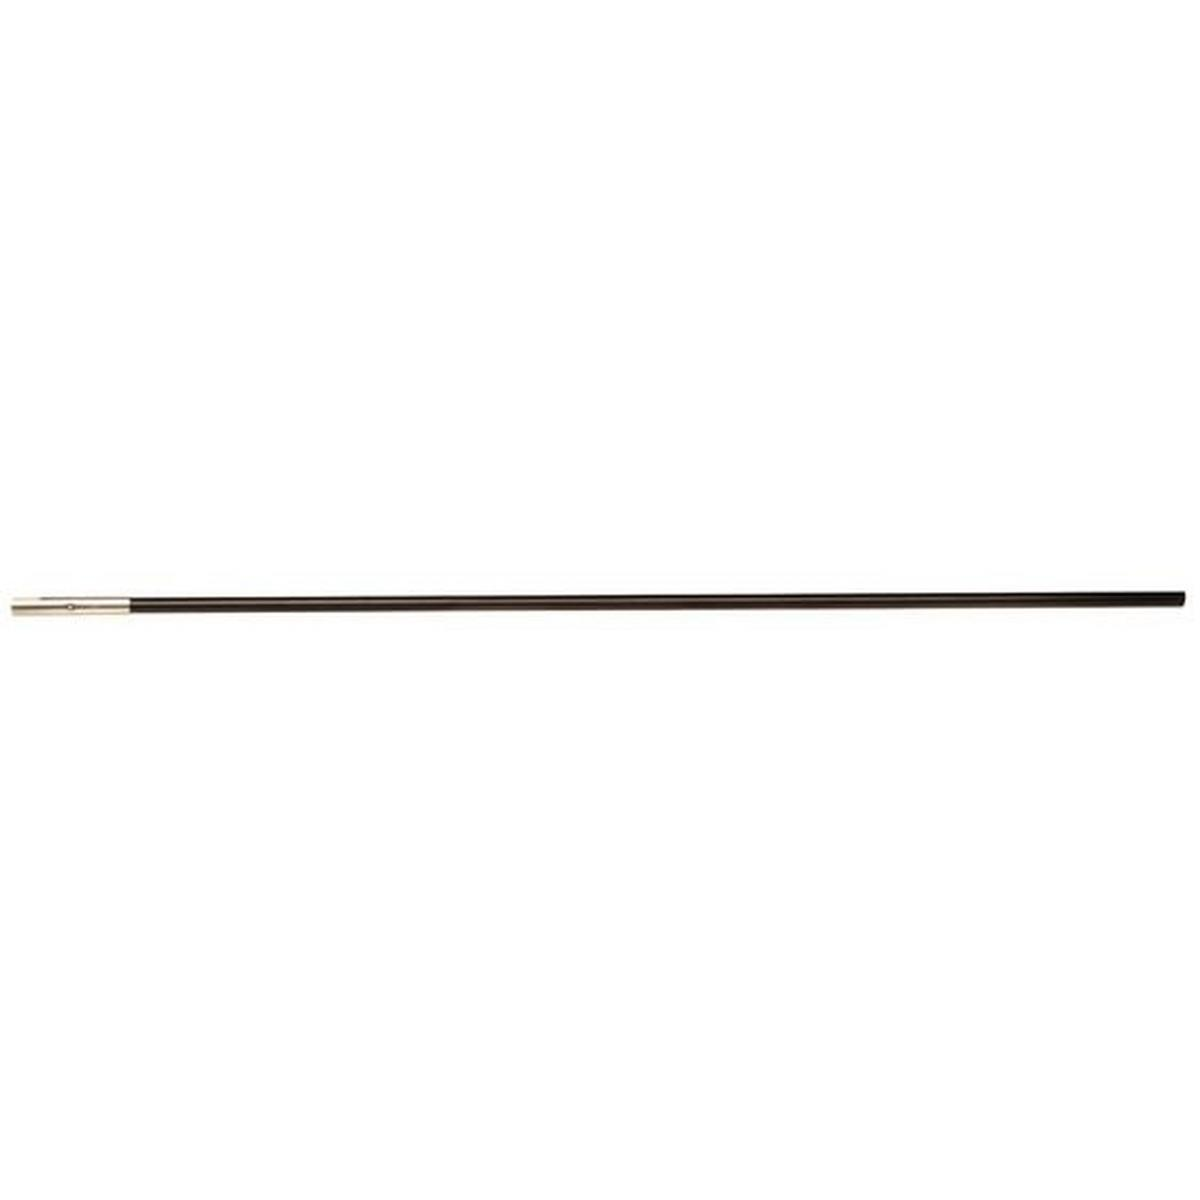 Vango Fibreglass Tent Pole Section 11mm x 65cm